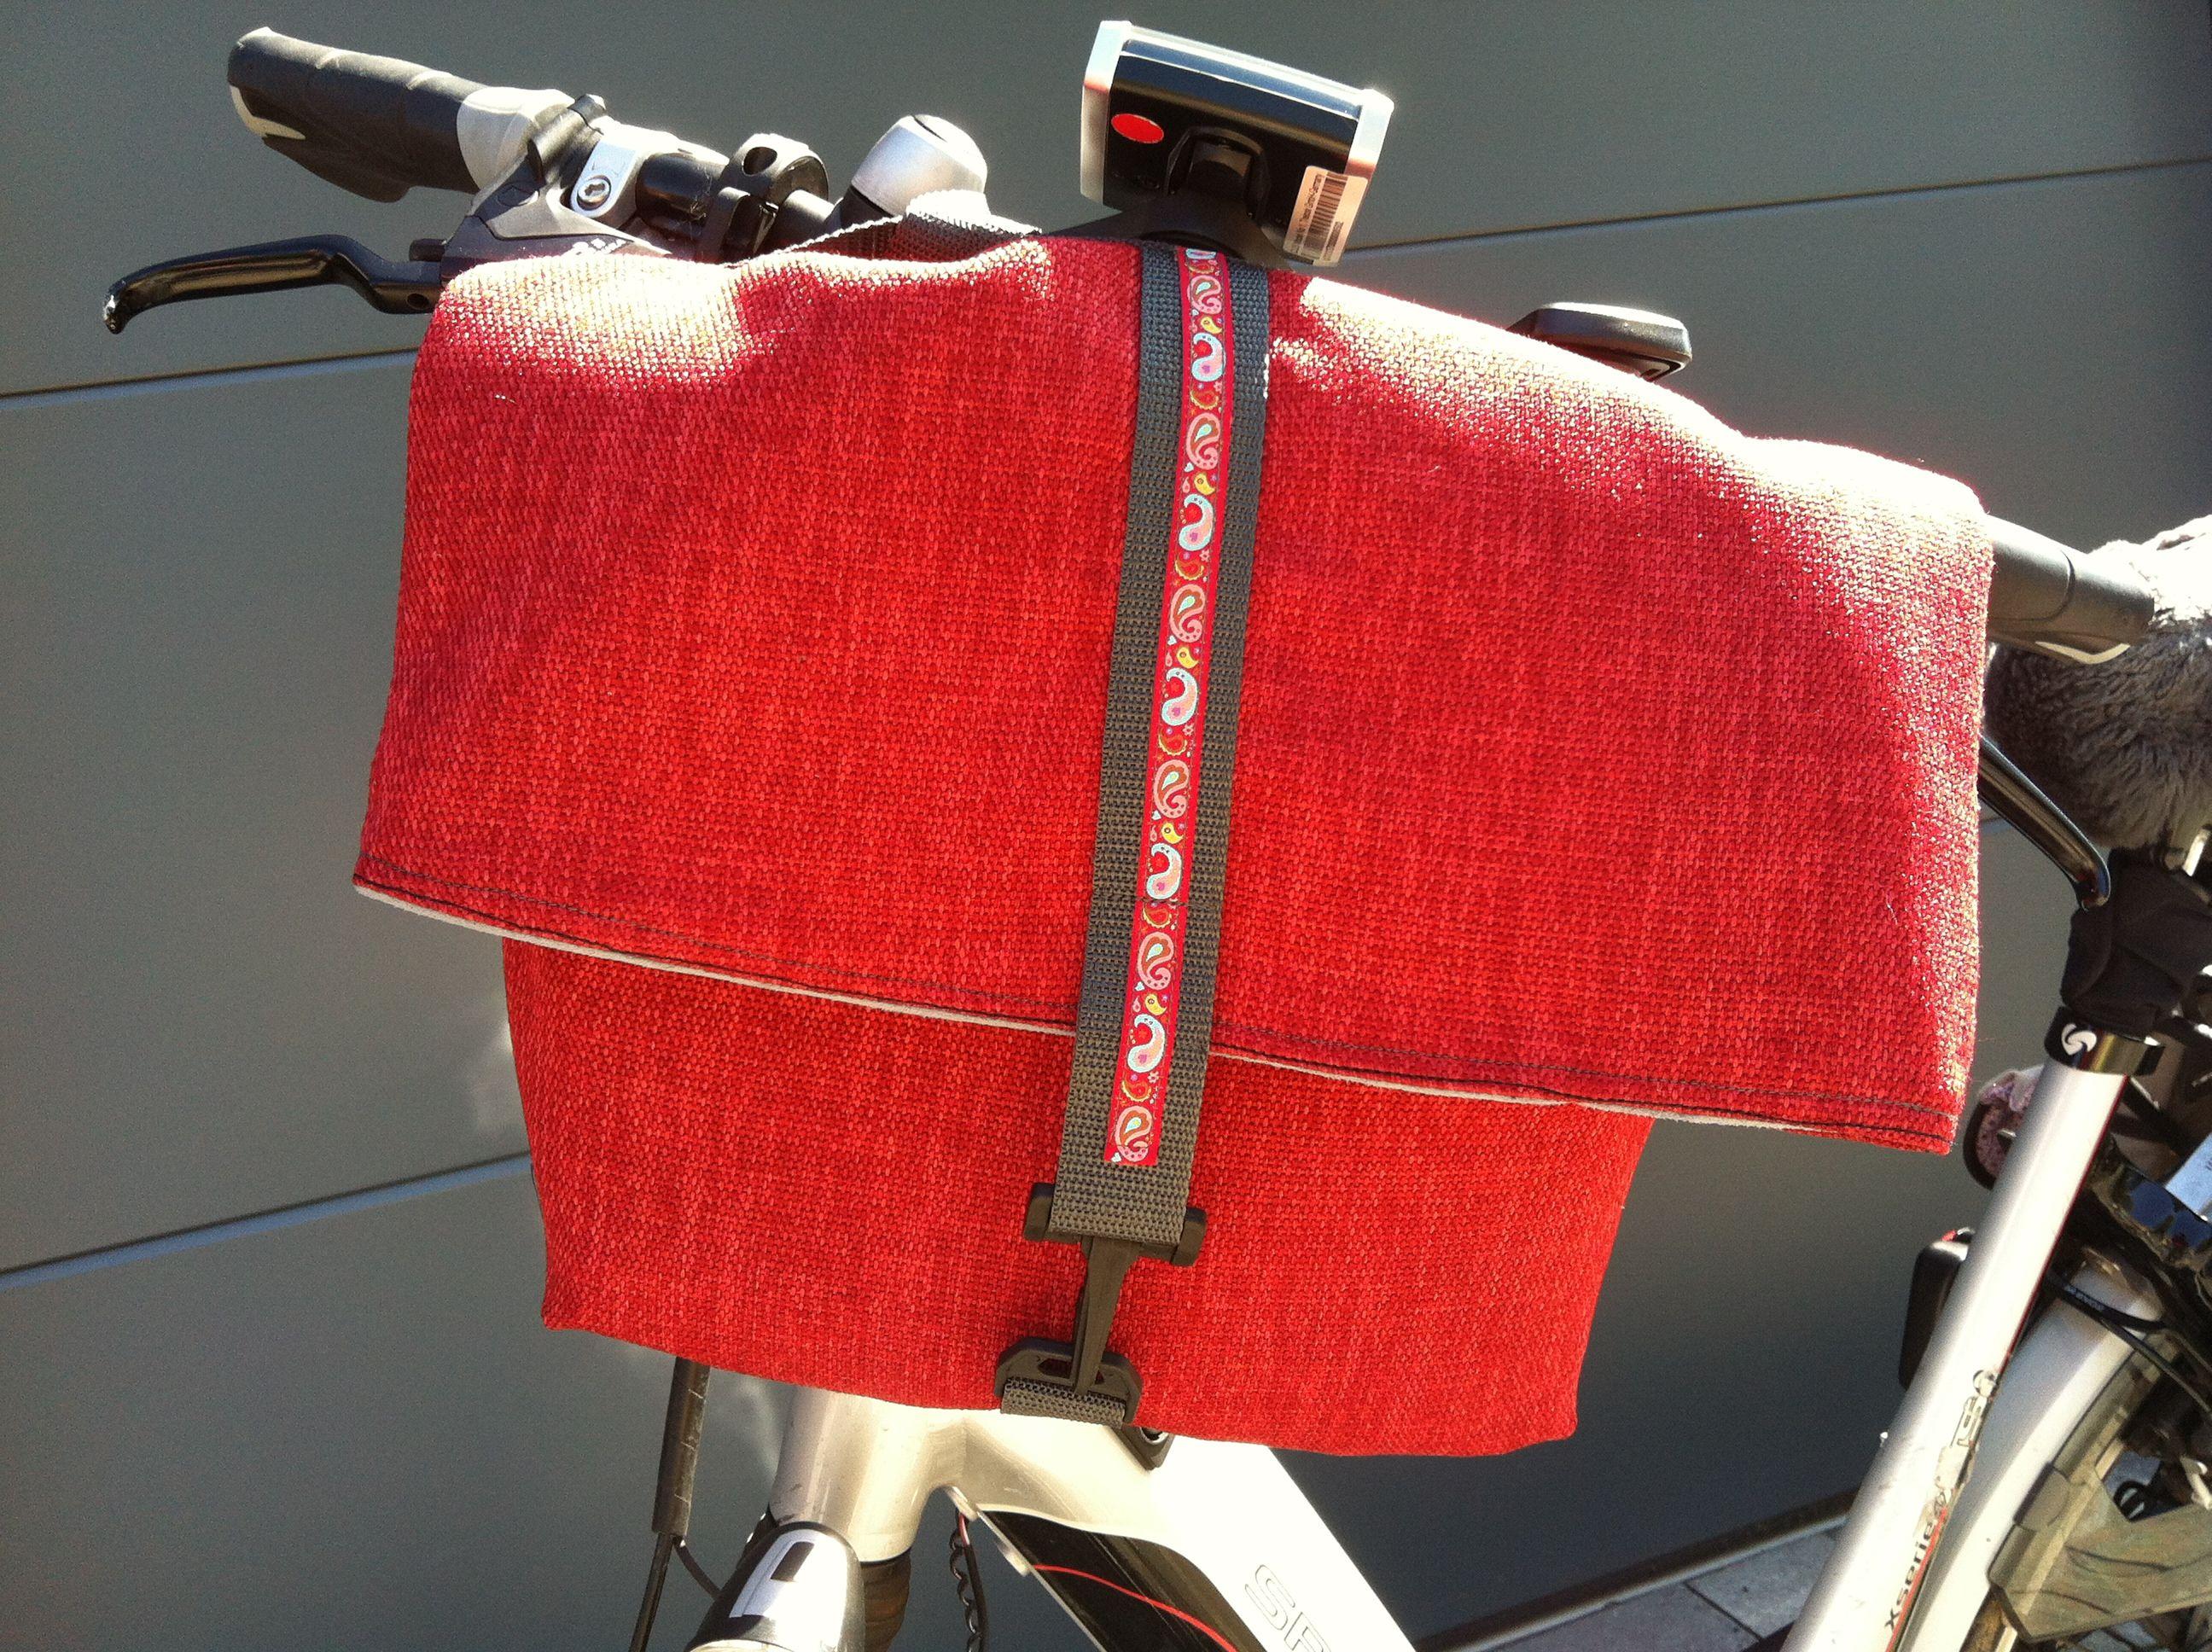 Fahrradtasche für den Lenker | ideen | Pinterest | Fahrradtasche ...